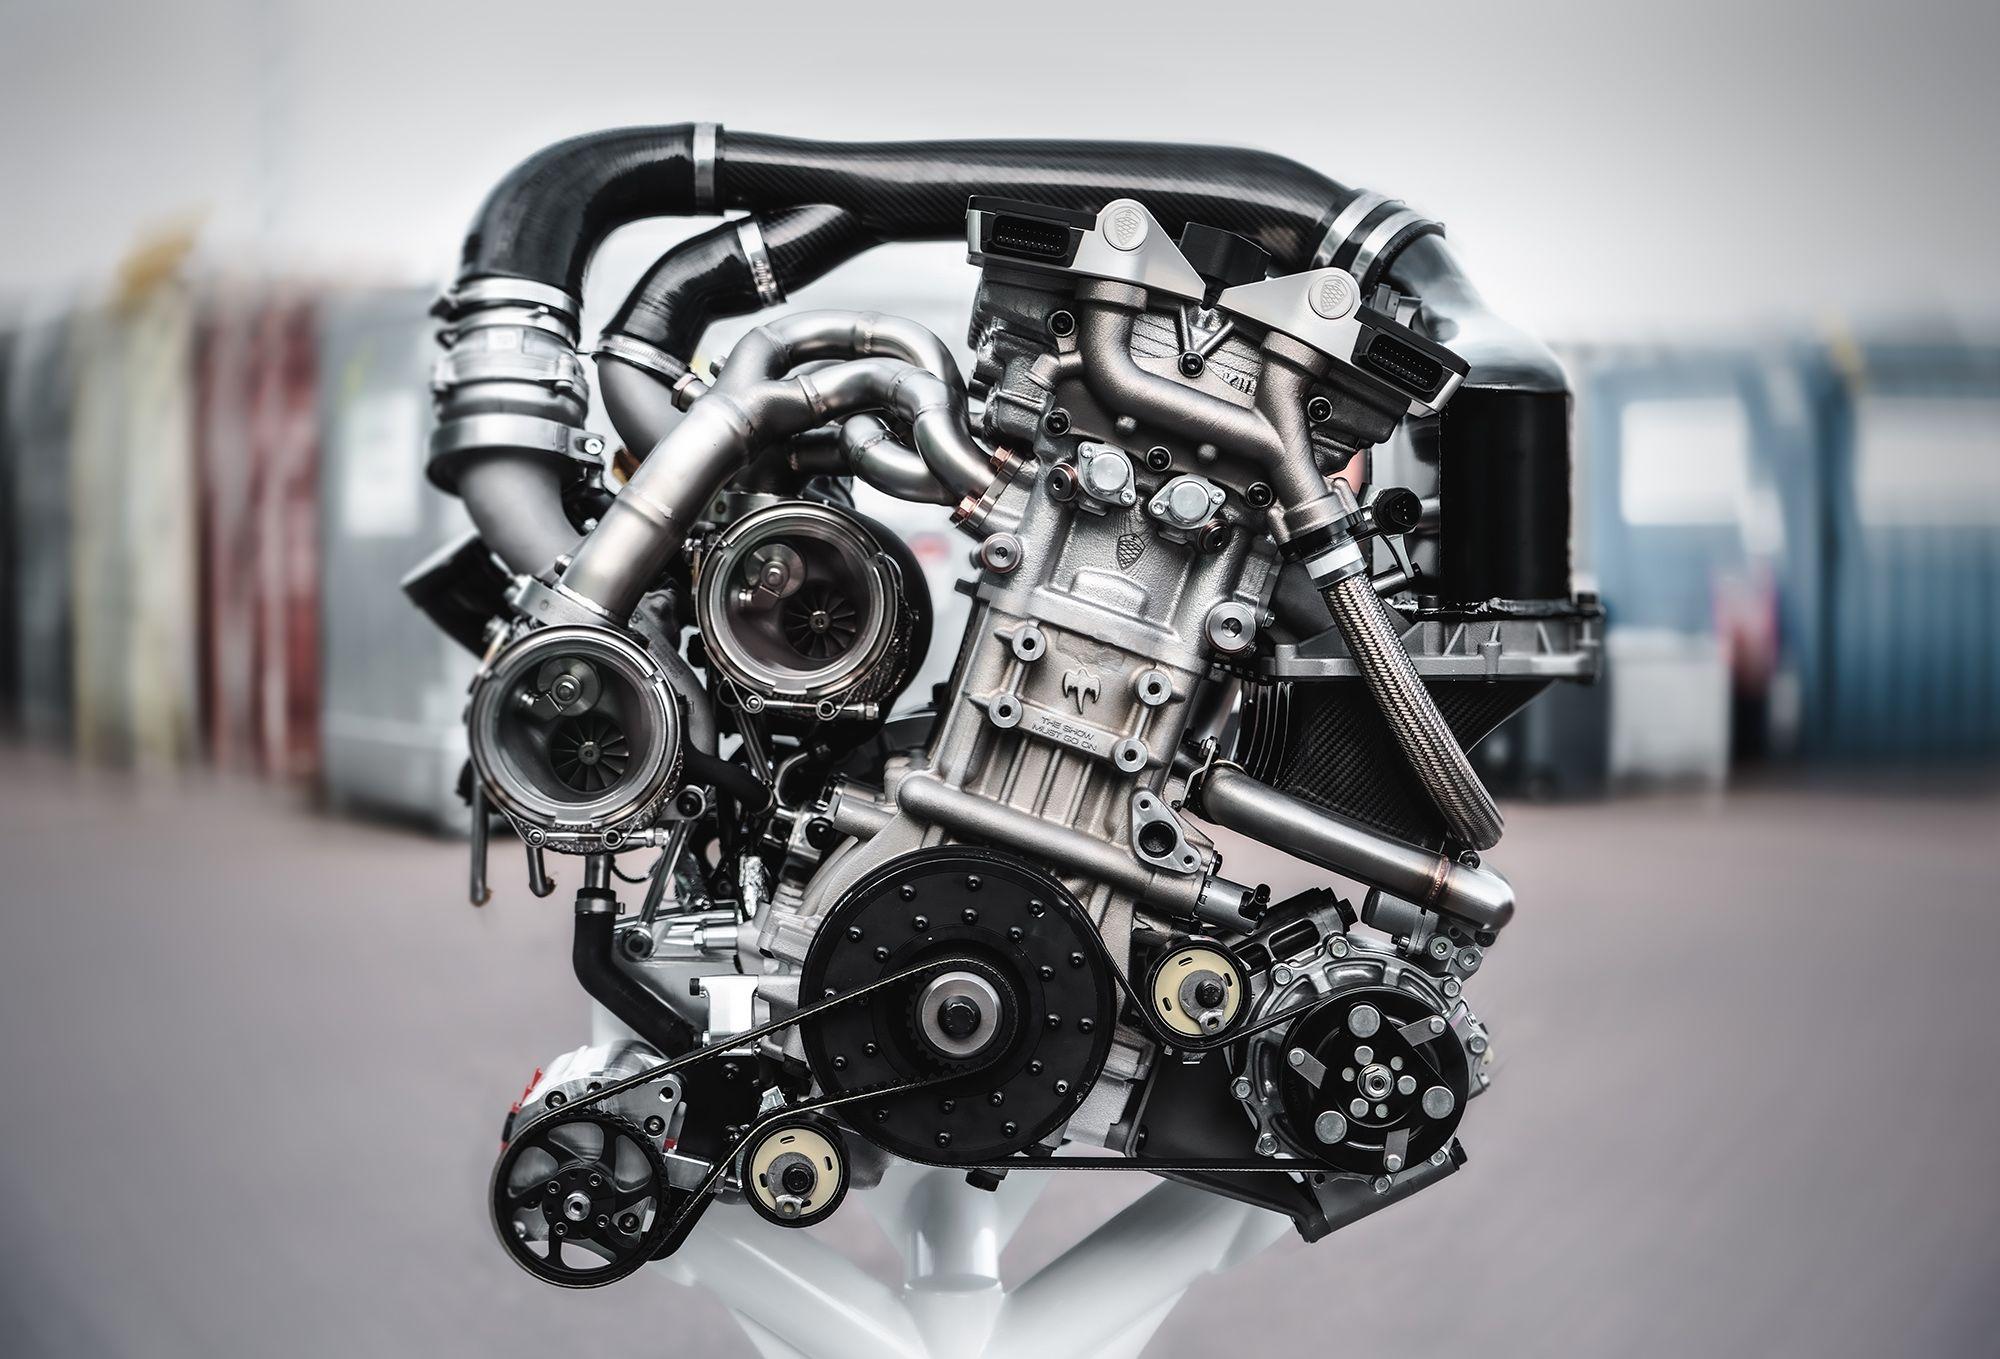 Motores de automoción